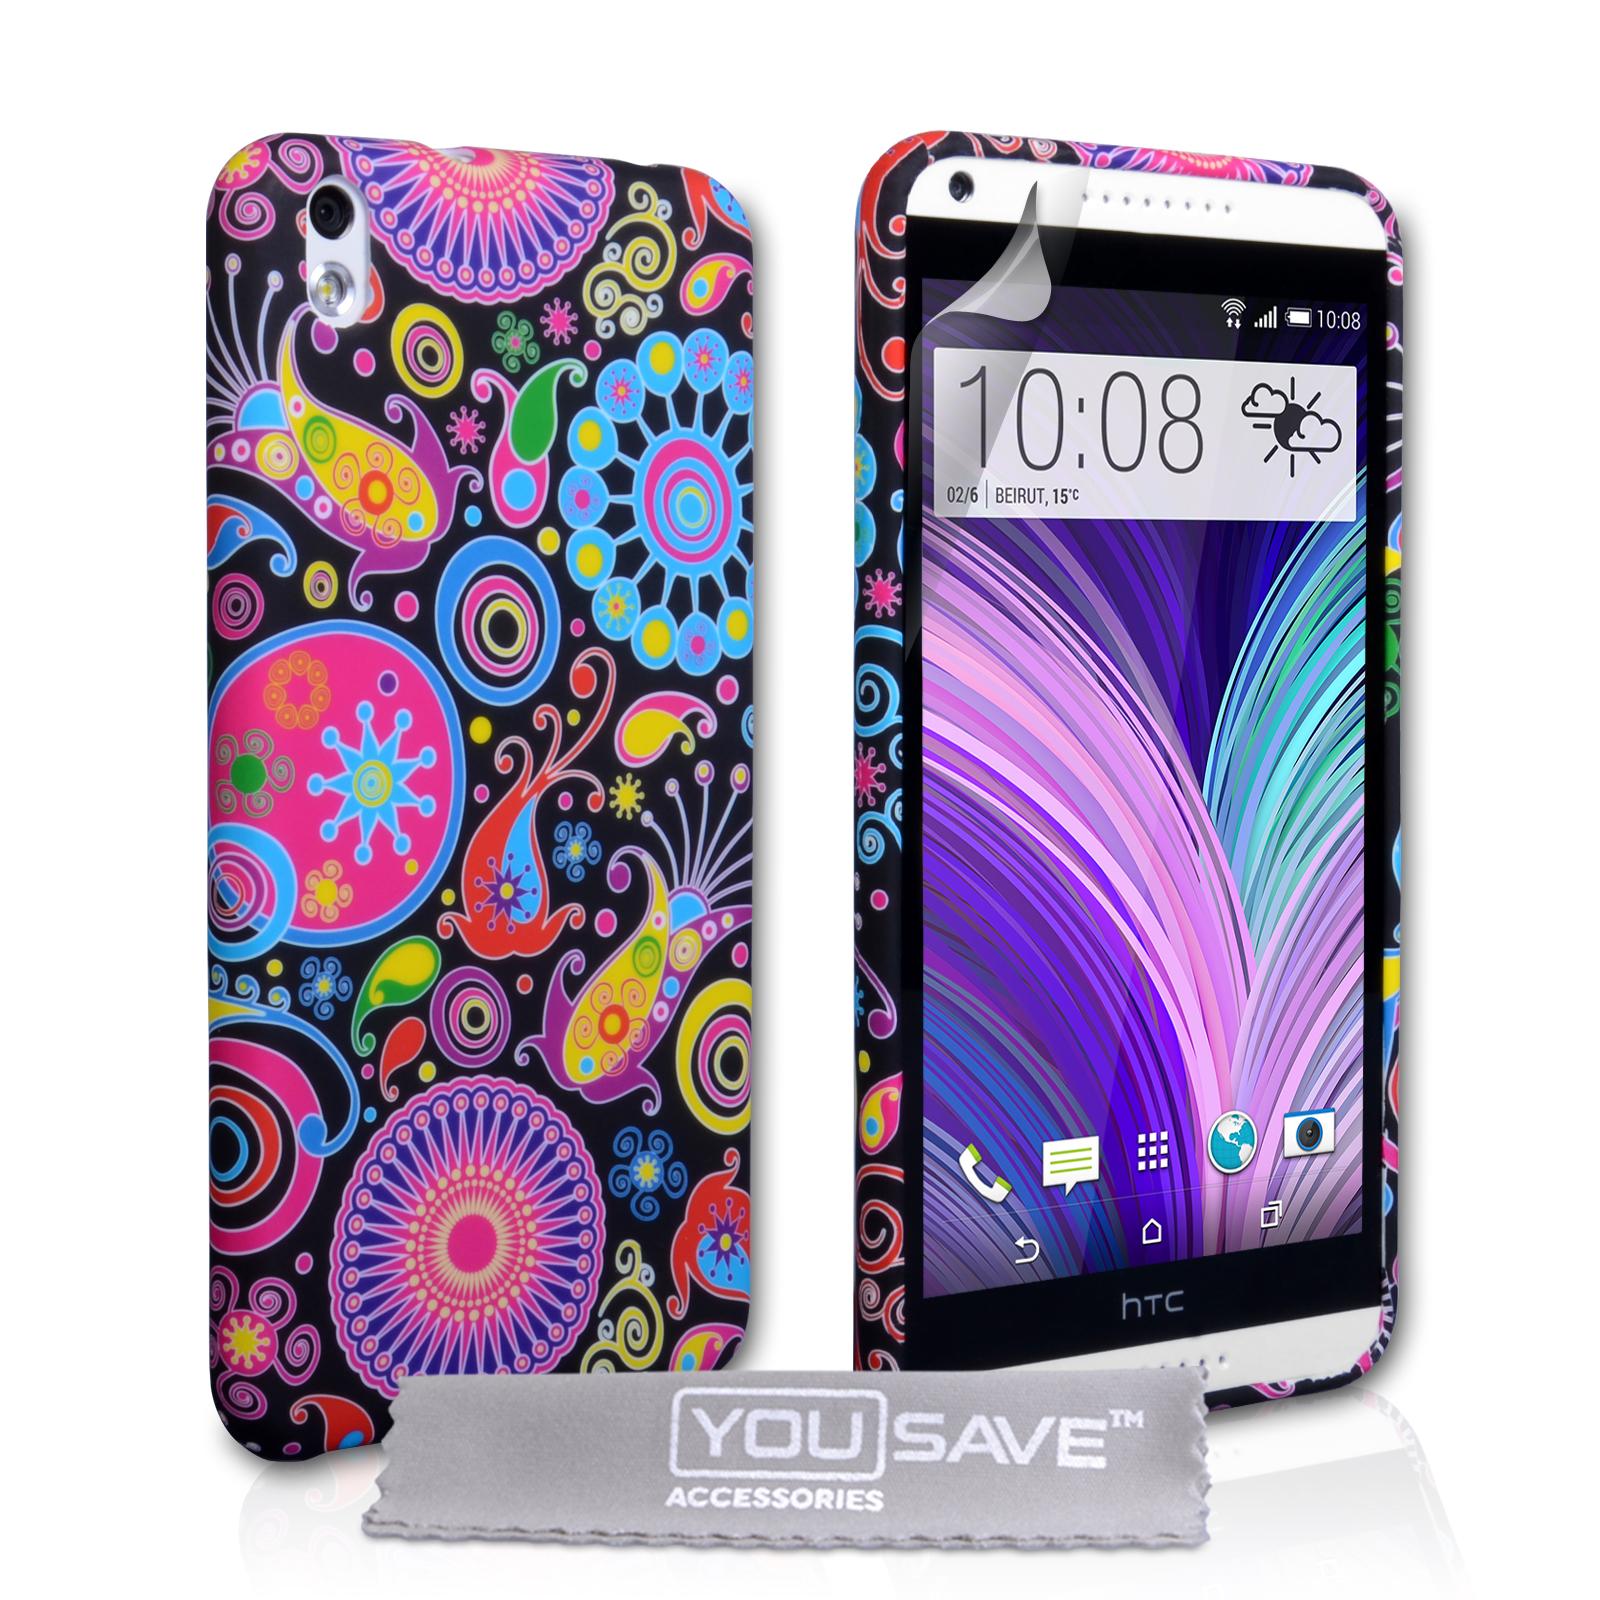 Θήκη HTC Desire 816 by YouSave (Z400) θήκες κινητών